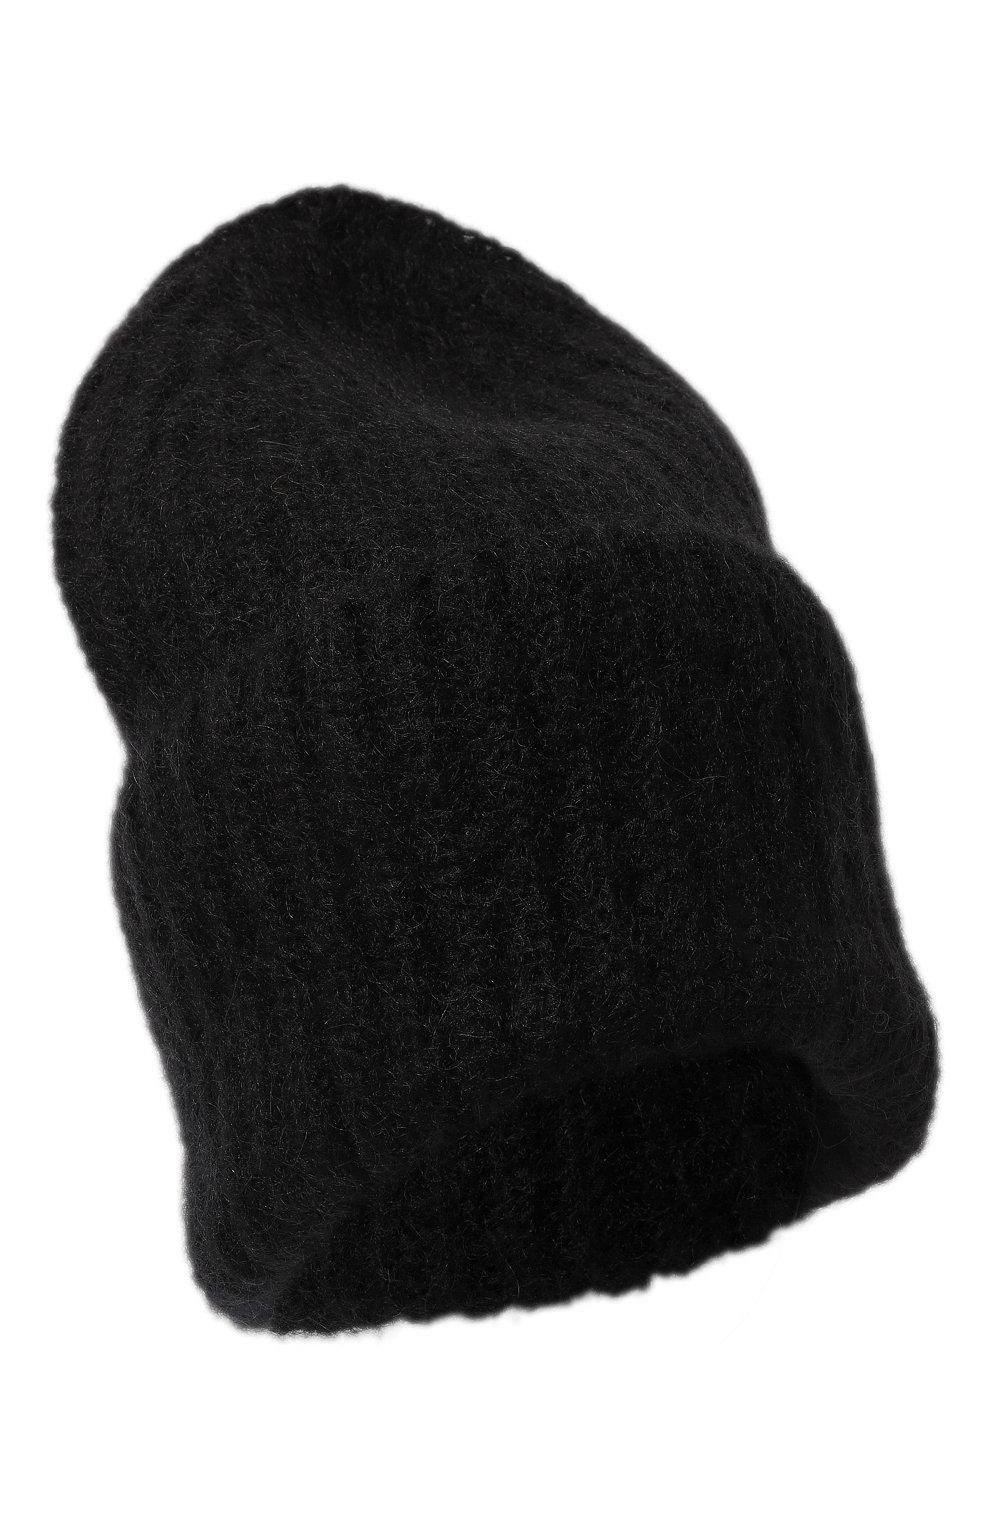 Женская шапка TAK.ORI черного цвета, арт. AC043MW018PF17   Фото 1 (Материал: Текстиль, Шерсть, Синтетический материал; Статус проверки: Проверено, Проверена категория)